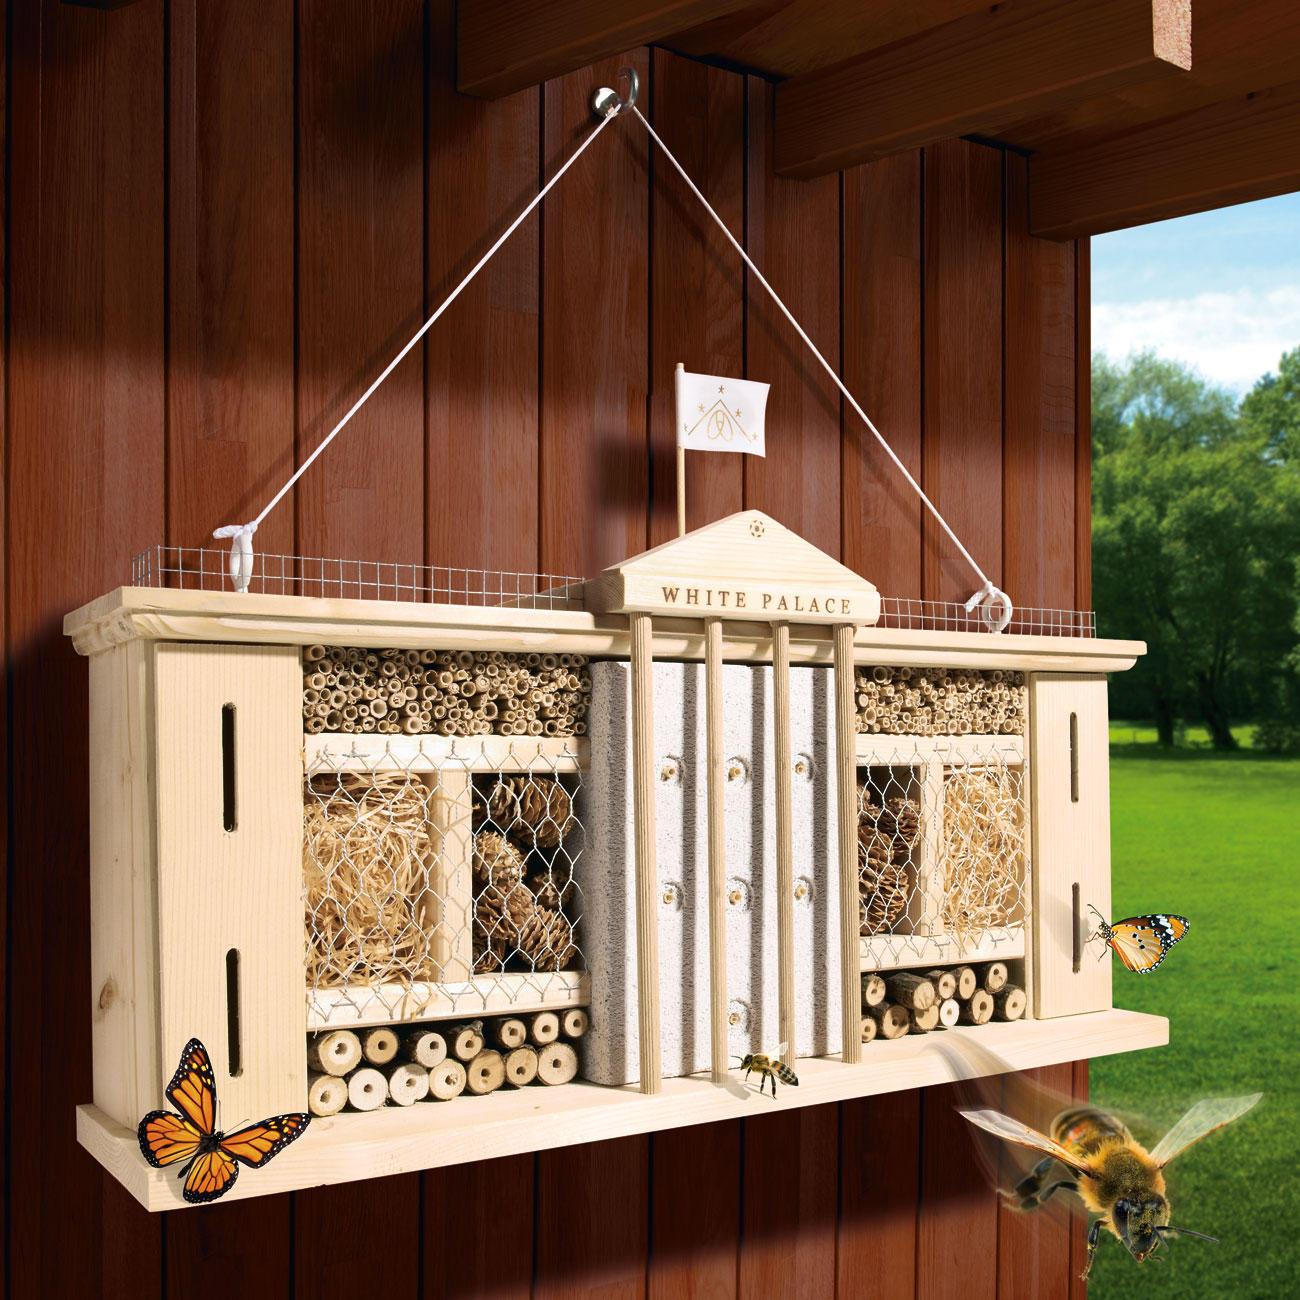 Acheter h tel insectes white palace en ligne pas cher for Hotel a insecte acheter